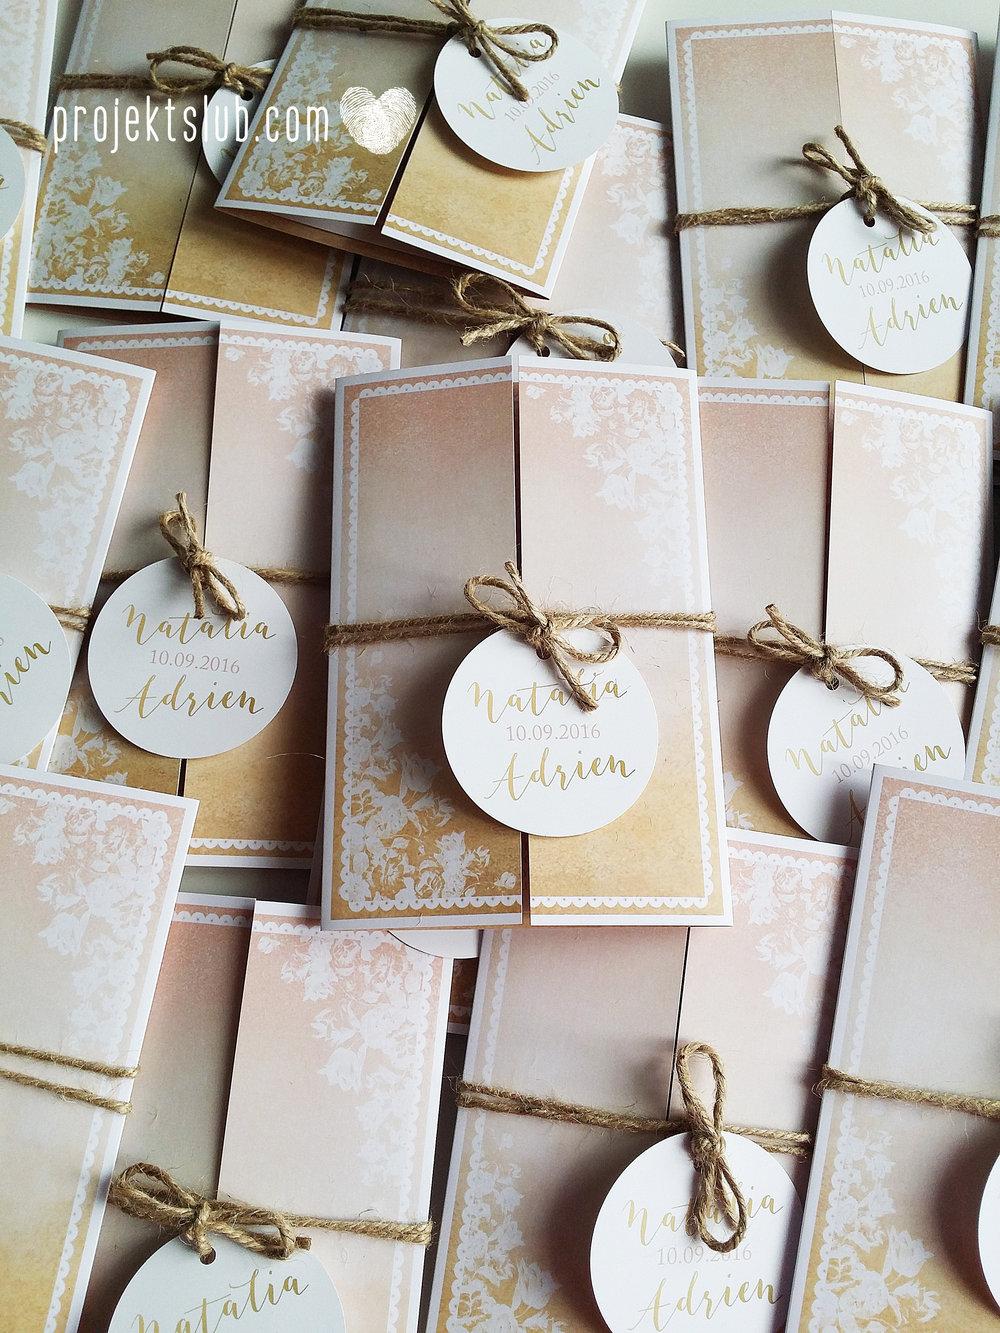 Zaproszenia ślubne rustykalne oryginalne wyjątkowe rustic eleganckie złoty róż ornamenty Projekt Ślub (36).jpg